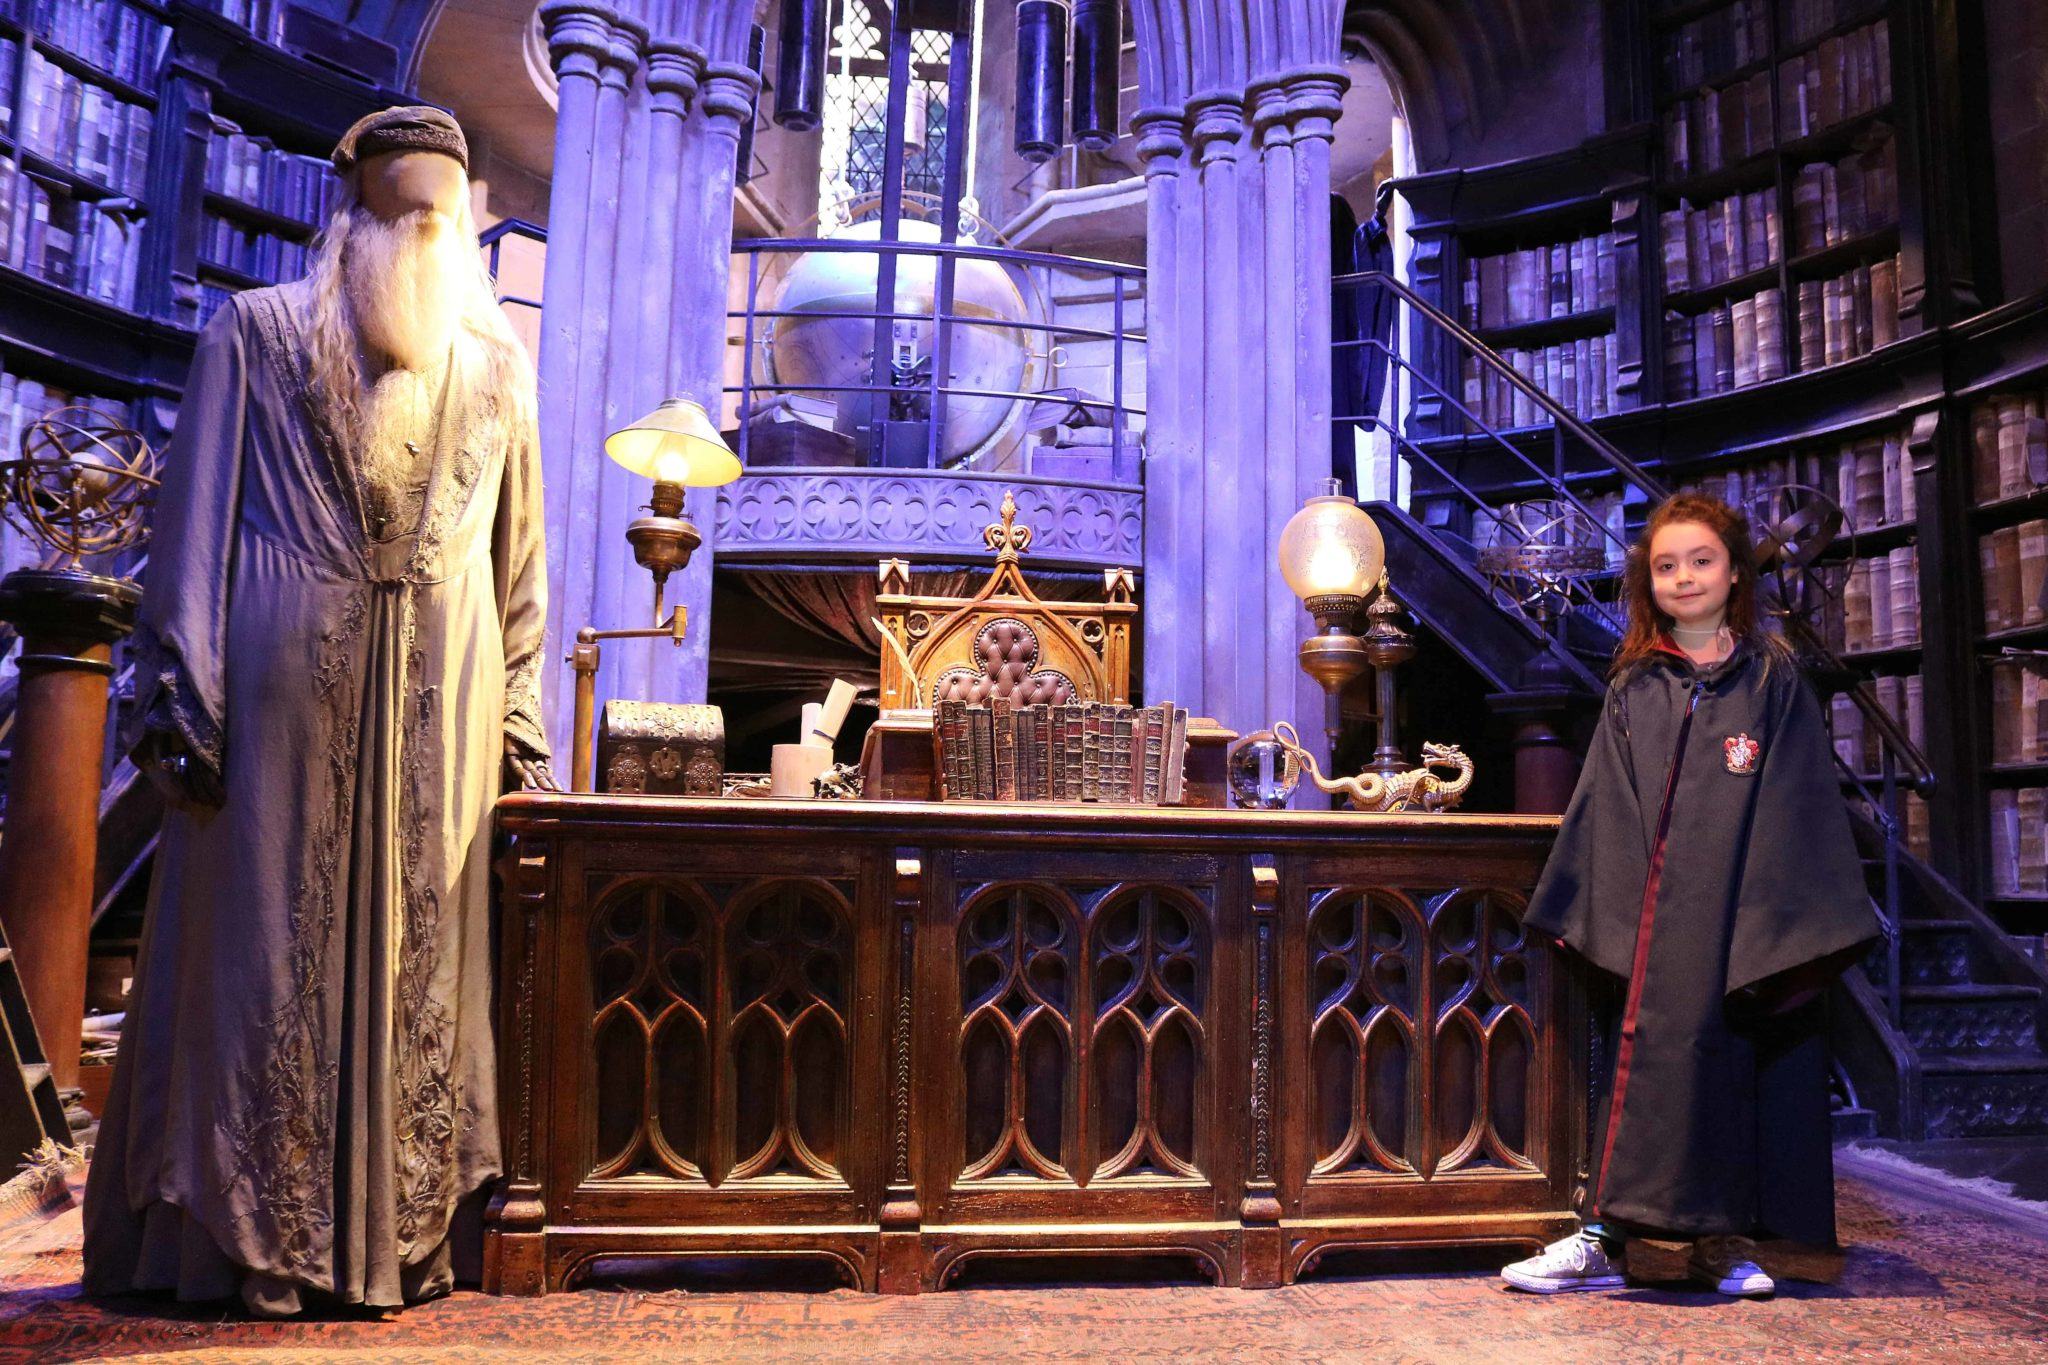 Olivia Murray, visitante do The Making of Harry Potter que visitou o set do escritório de Dumbledore.